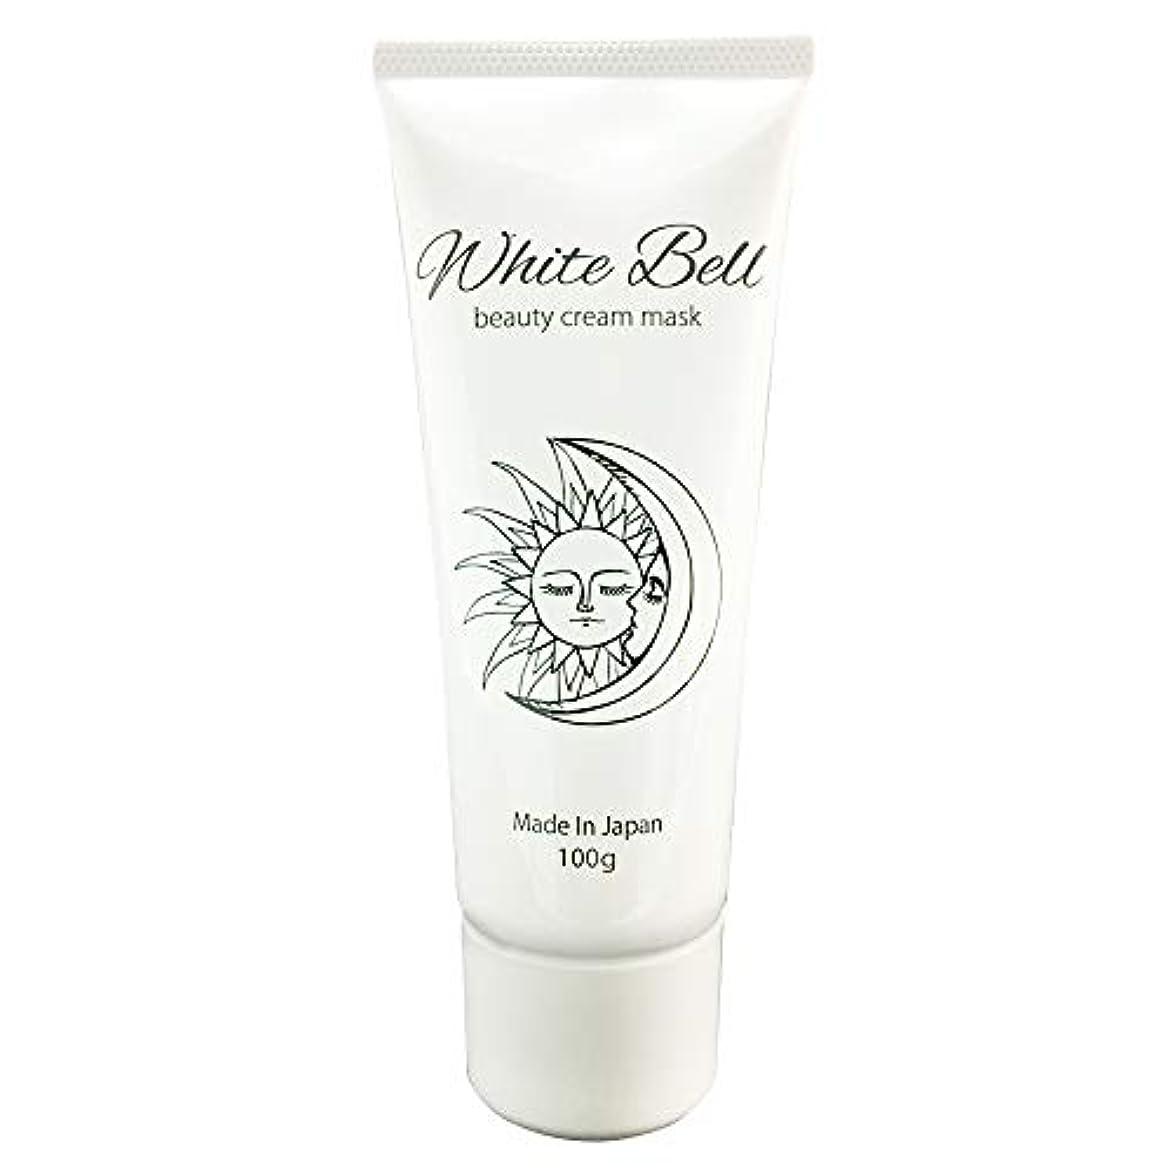 反論者ティームタクトホワイトベル ビューティークリームマスク White-Bell beauty cream mask ナイトクリーム オールインワン